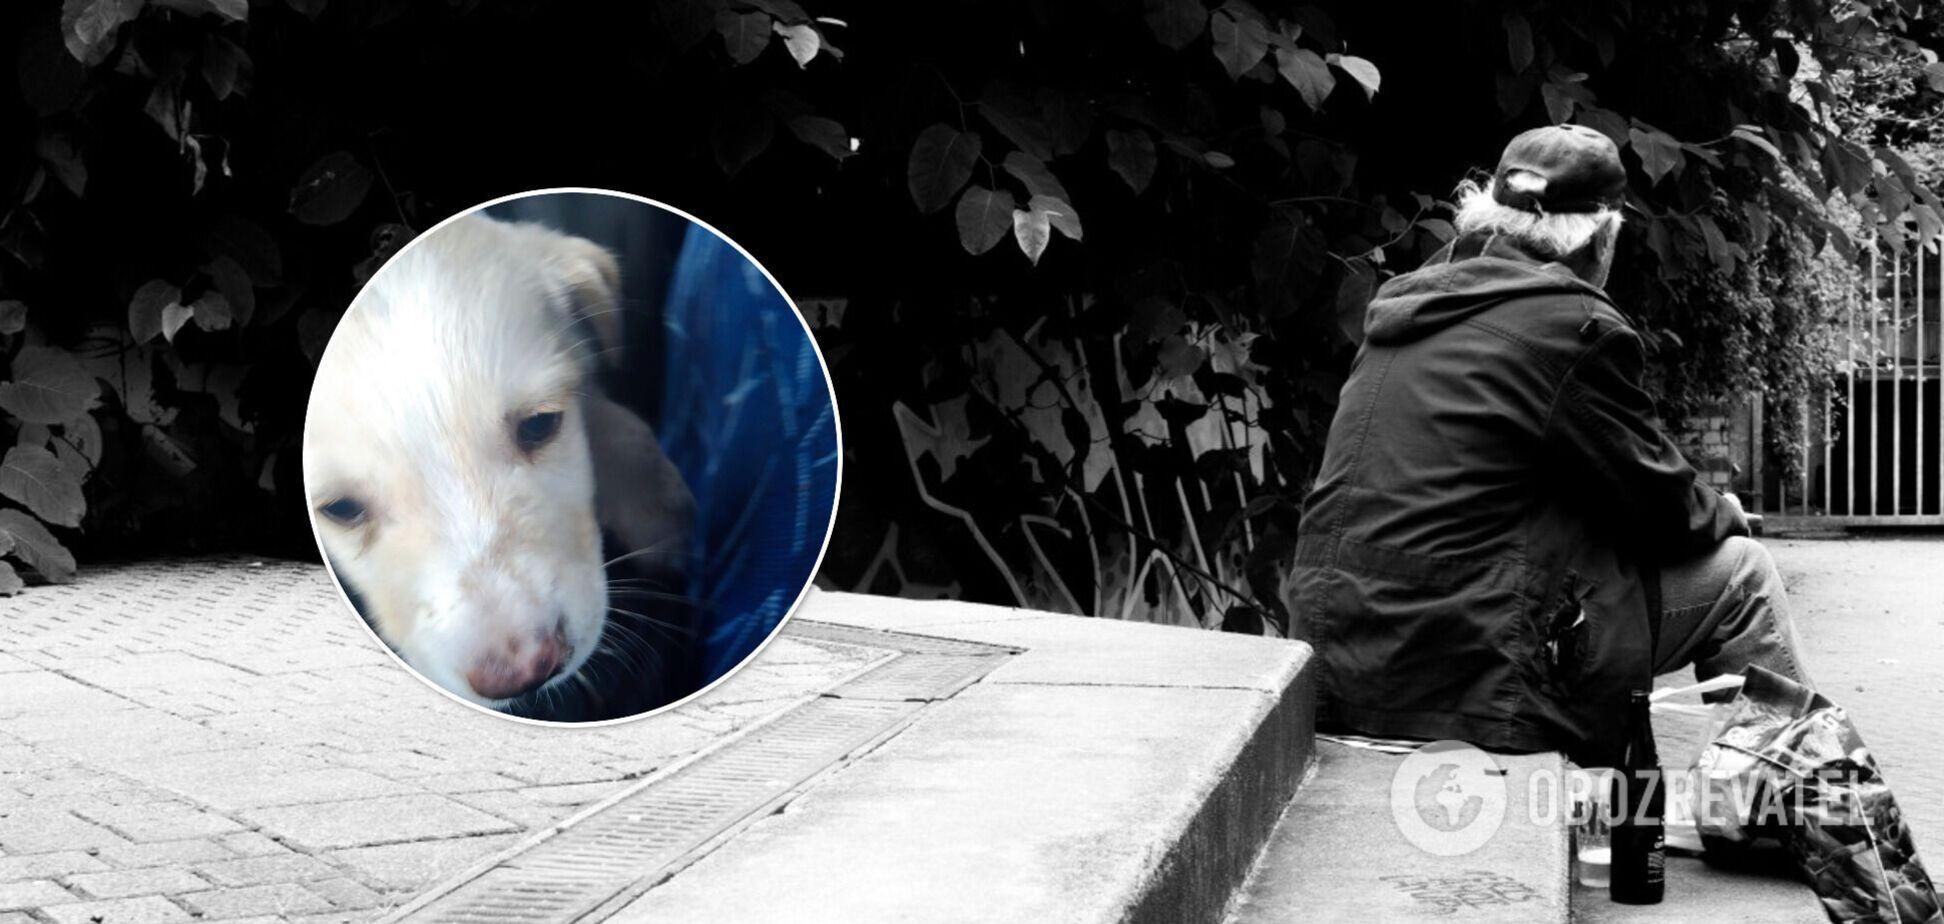 В Киеве бездомный-зоофил насилует щенков: волонтеры попросили о помощи